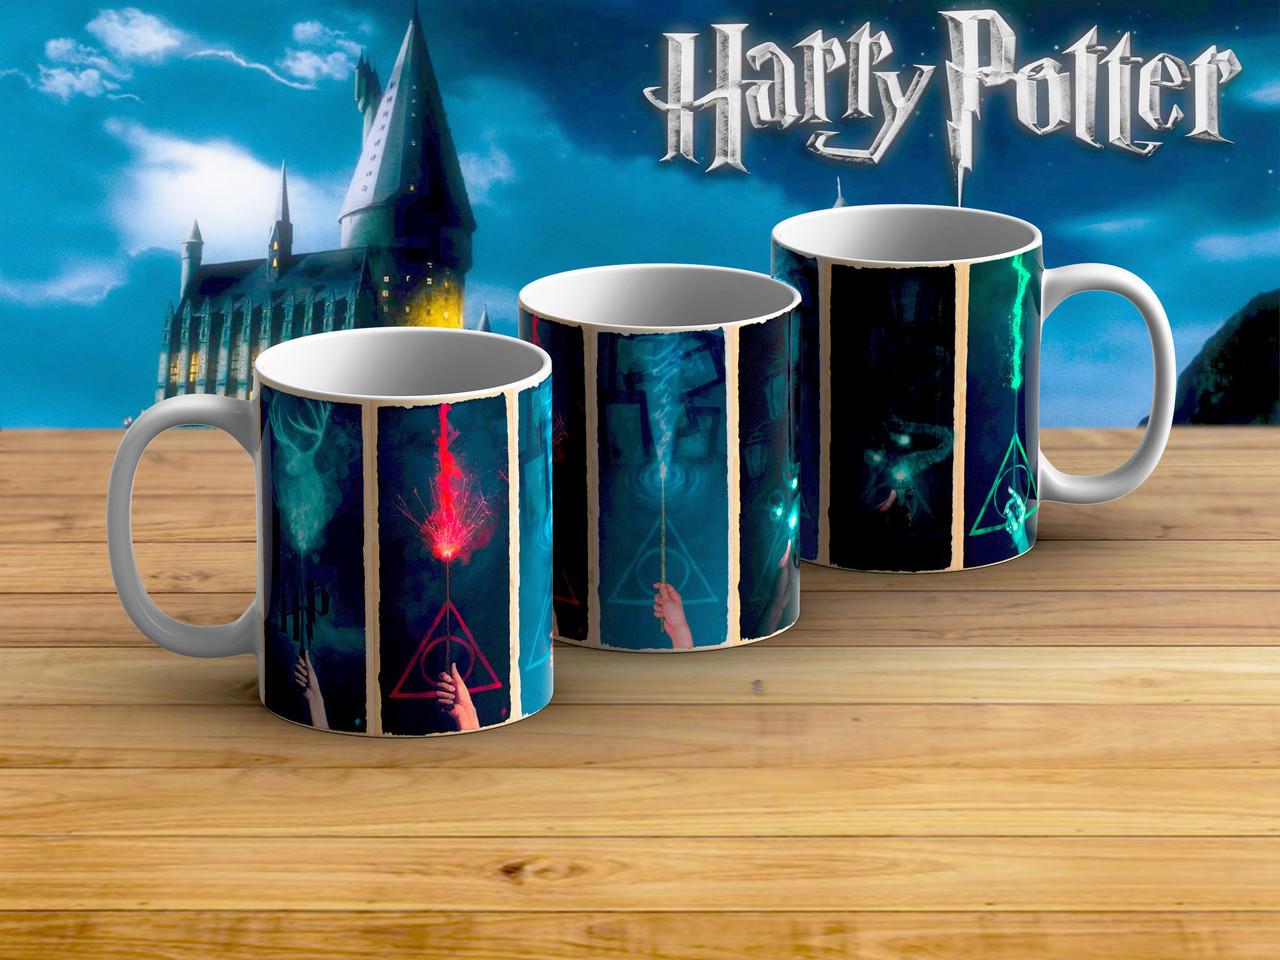 Чашка Дары смерти Гарри Поттер / Harry Potter с множеством дары смерти